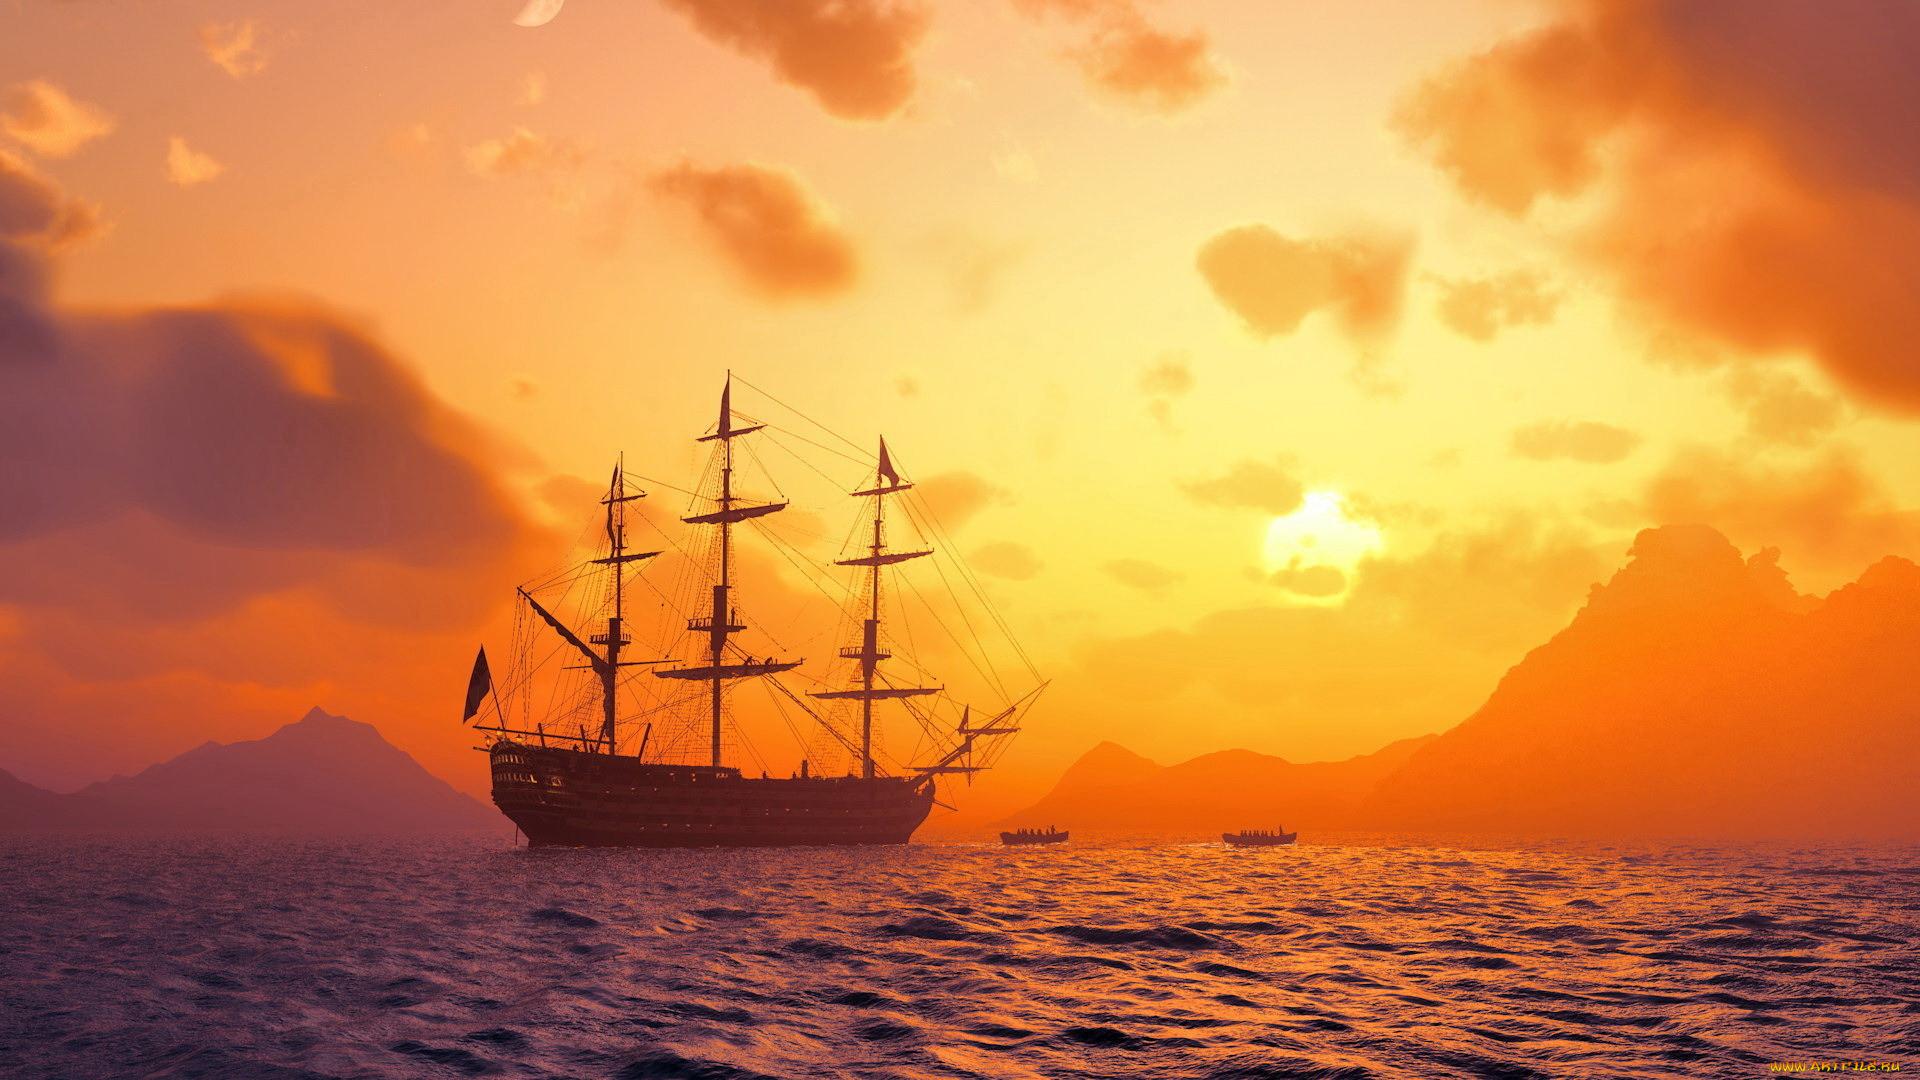 Море корабли закаты картинки